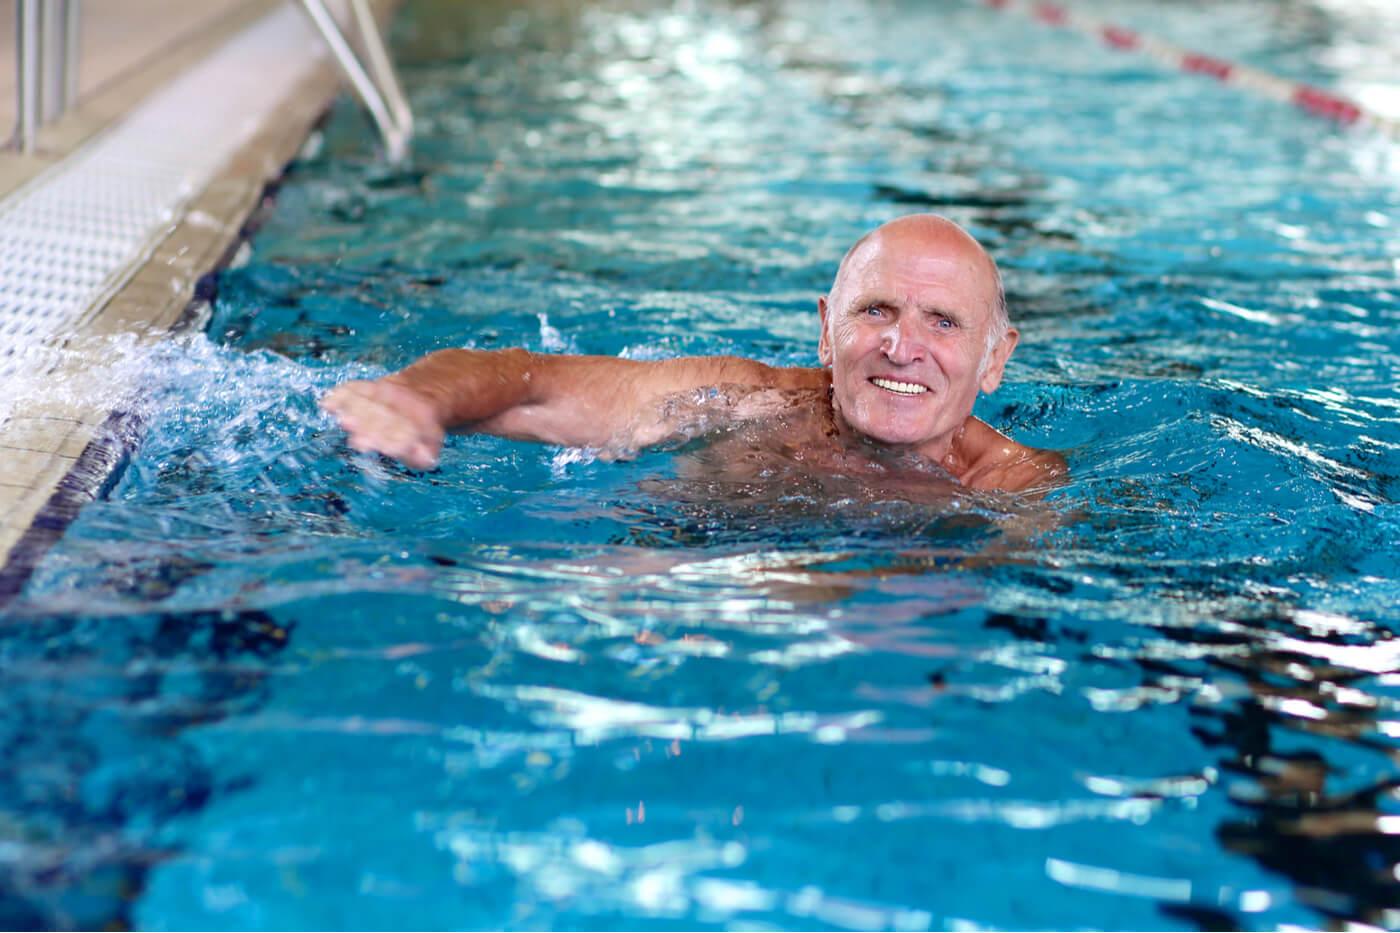 Recomendaciones para aprender a nadar en la edad adulta